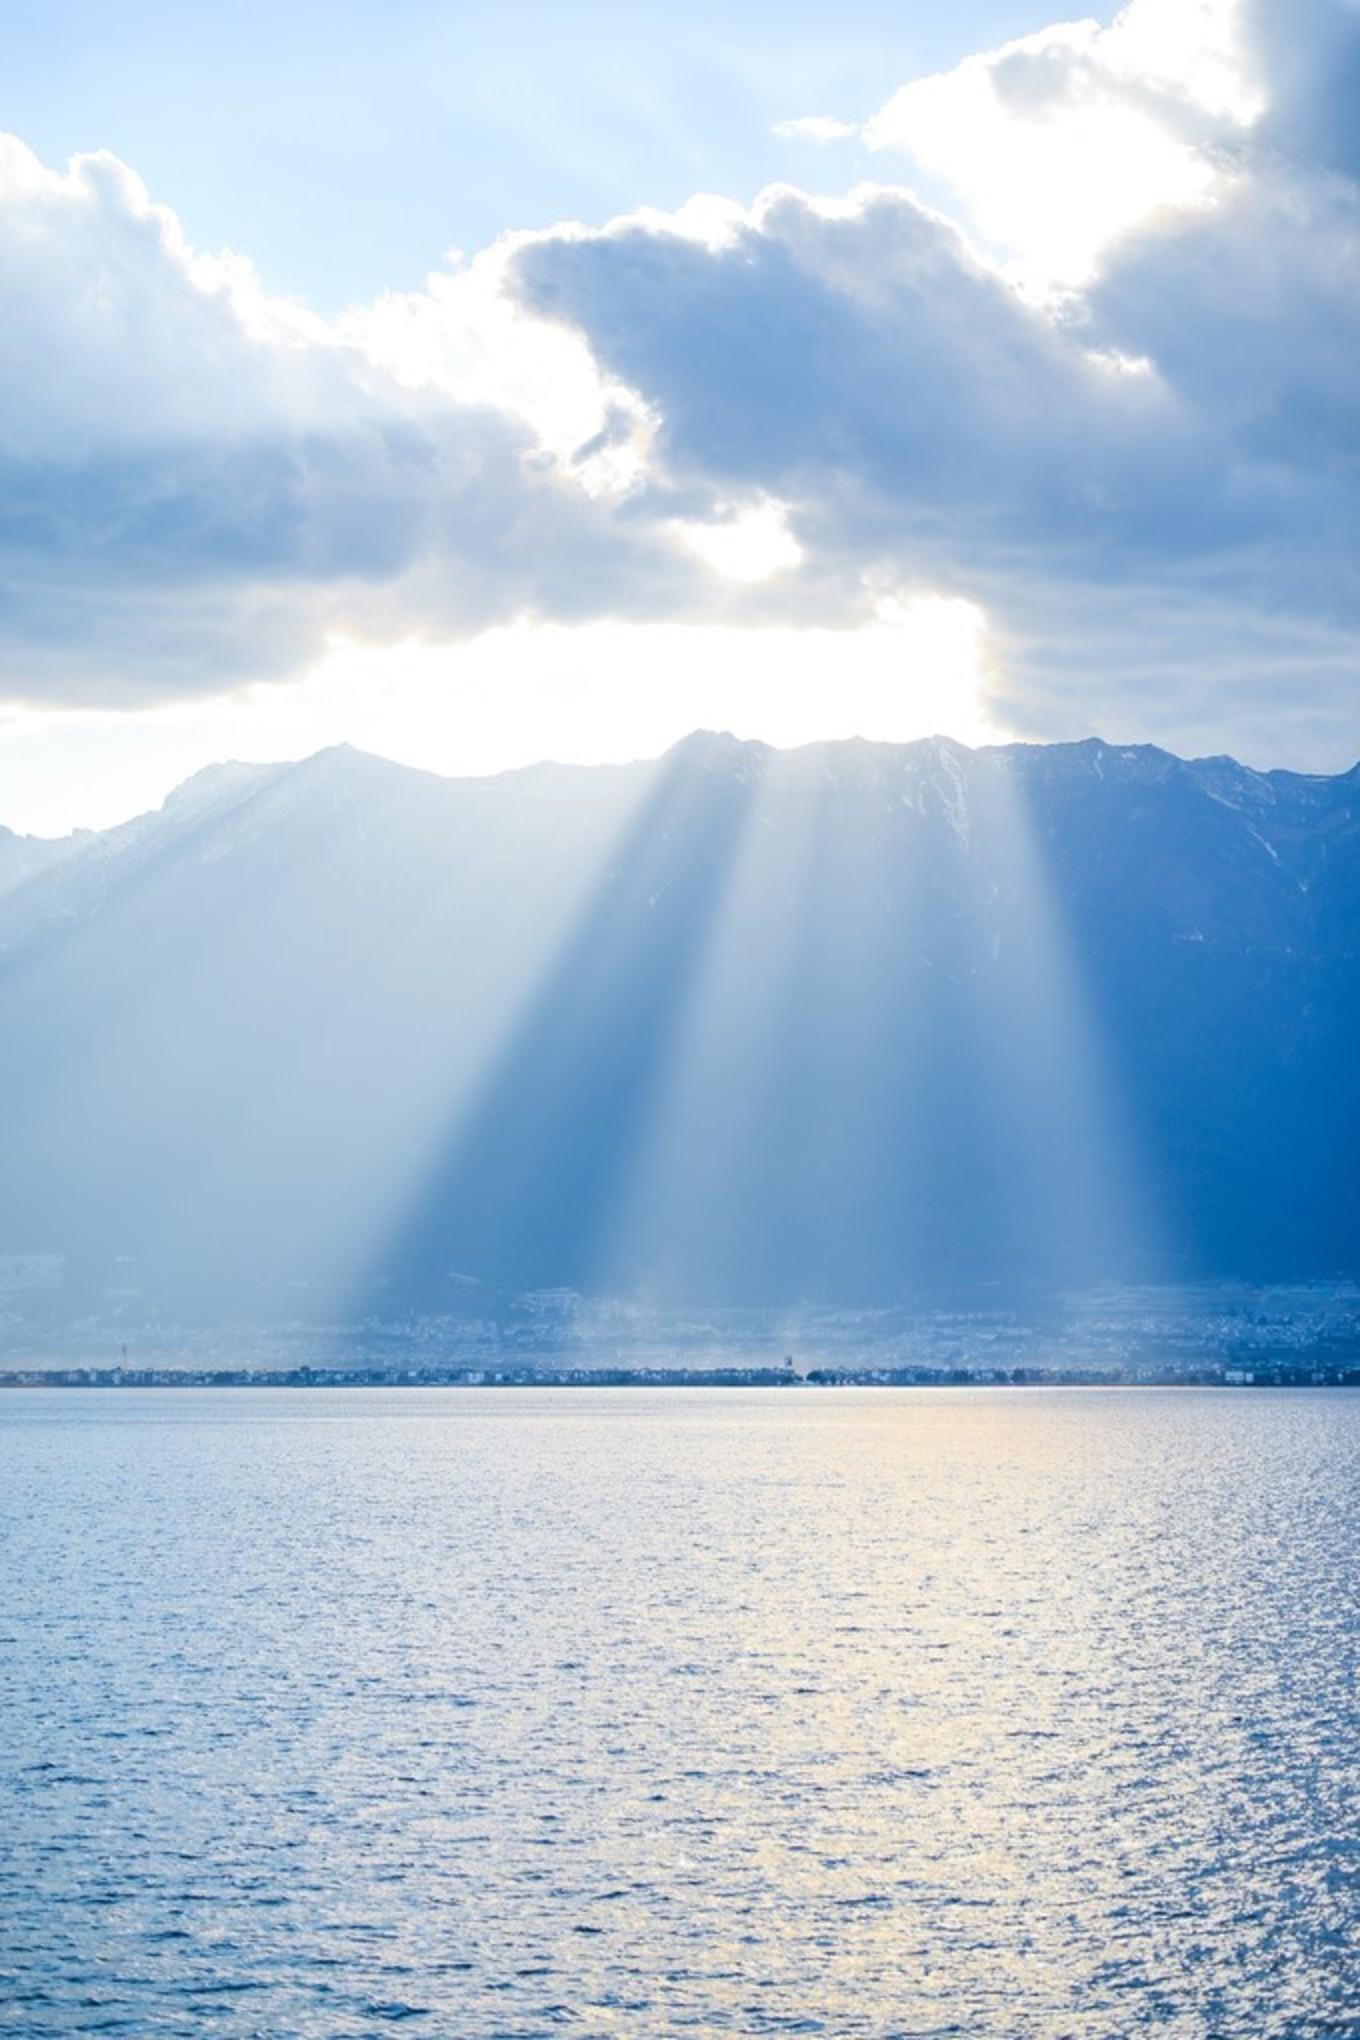 泸沽湖 ☆ 行舟绿水前,遥遥一水间